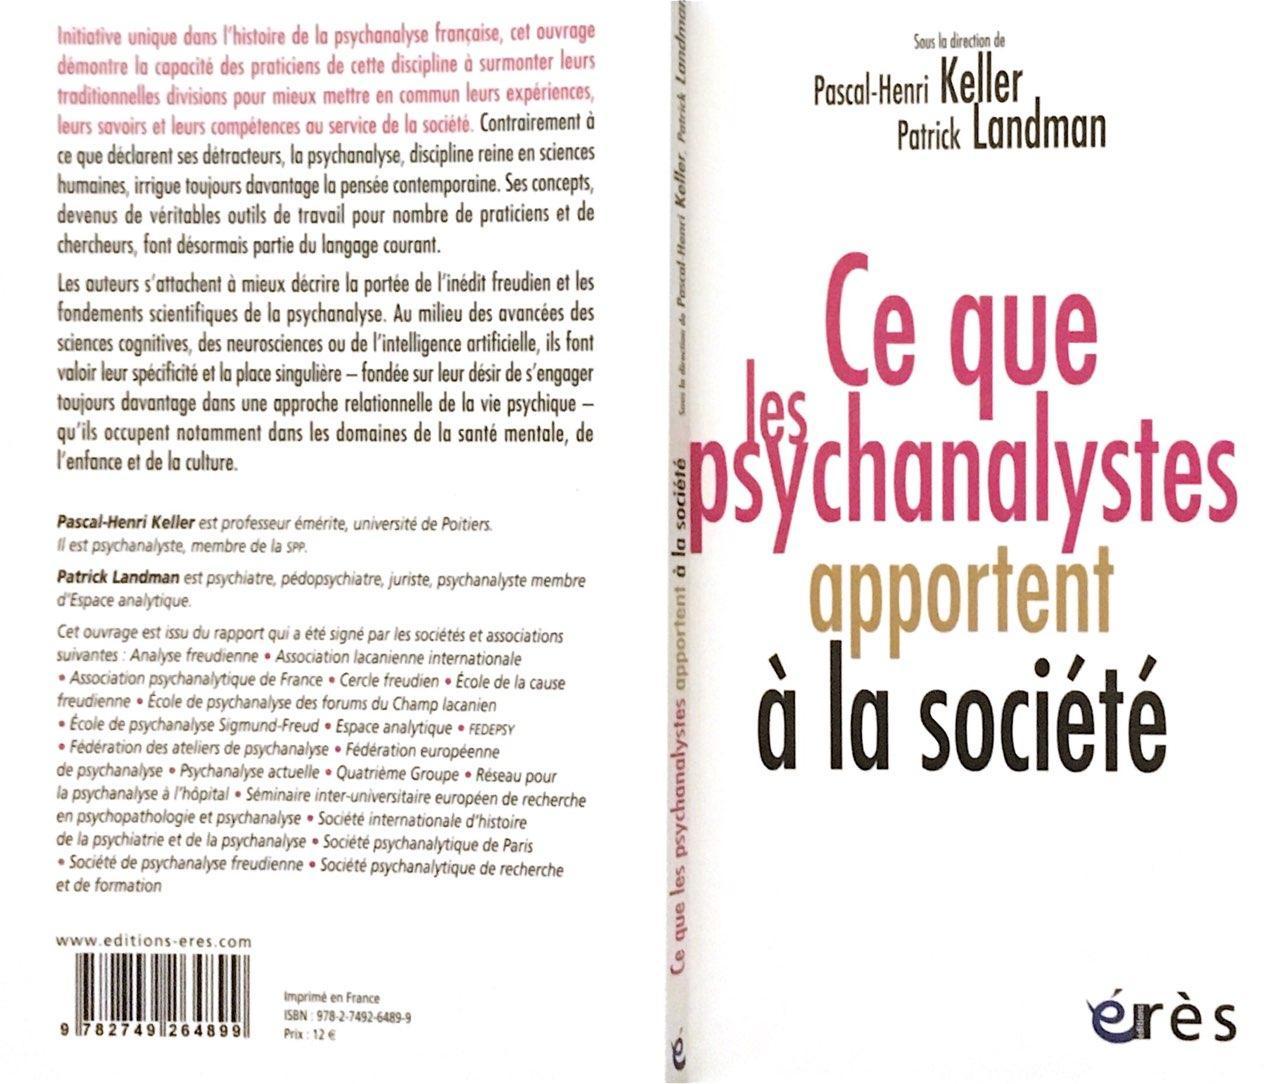 Publicación del libro: Lo que los psicoanalistas aportan a la sociedad